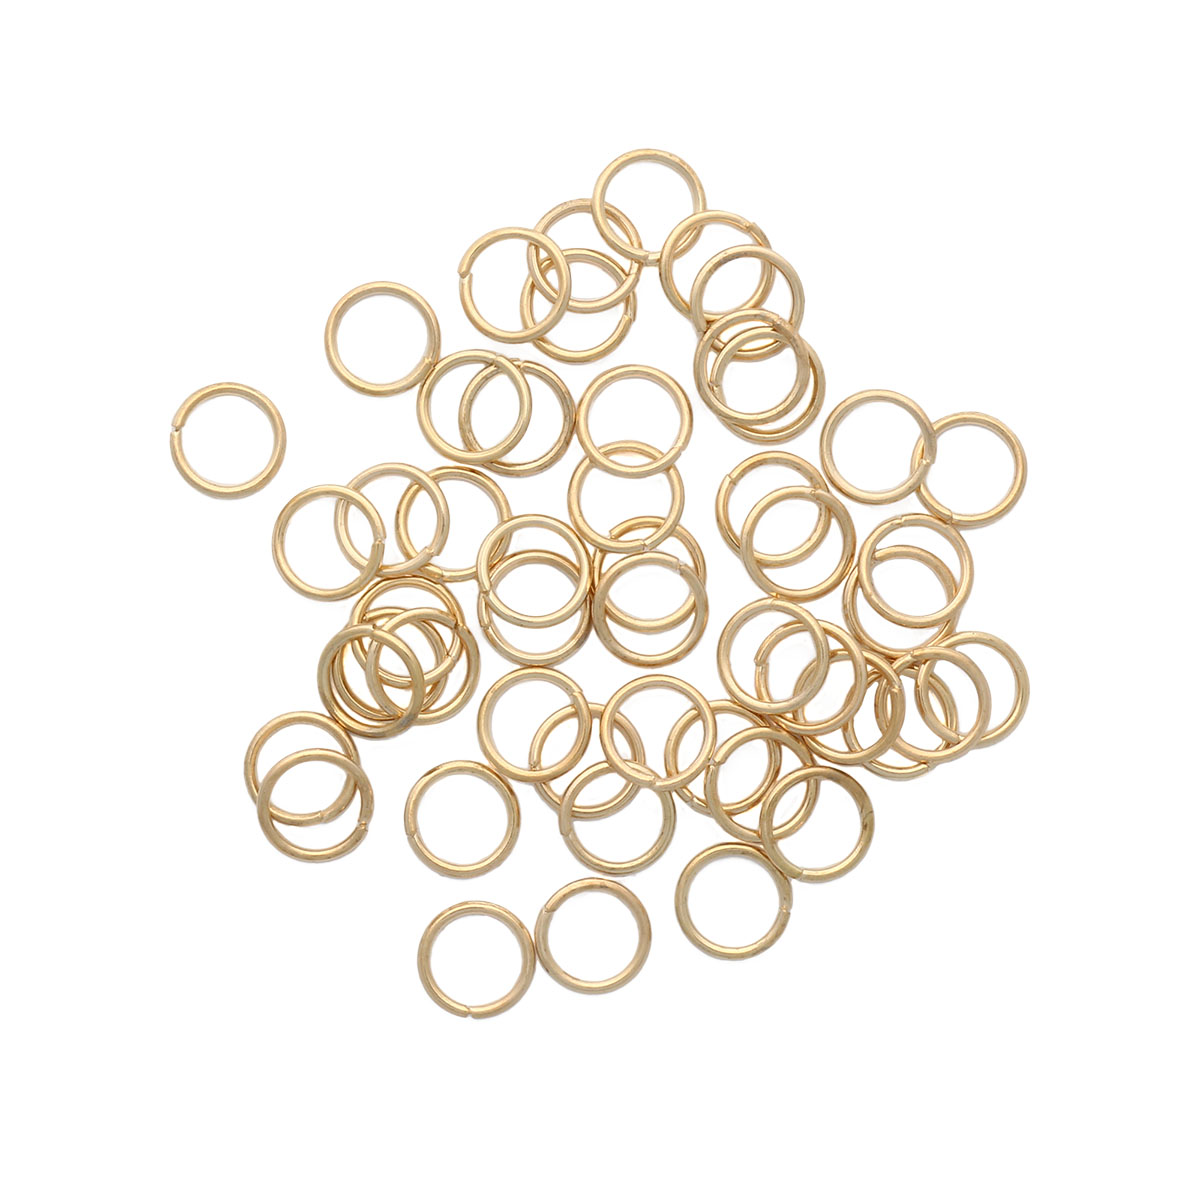 4AR244/245/246 Кольцо соединительное 0,9*8мм, 50шт/упак, Астра